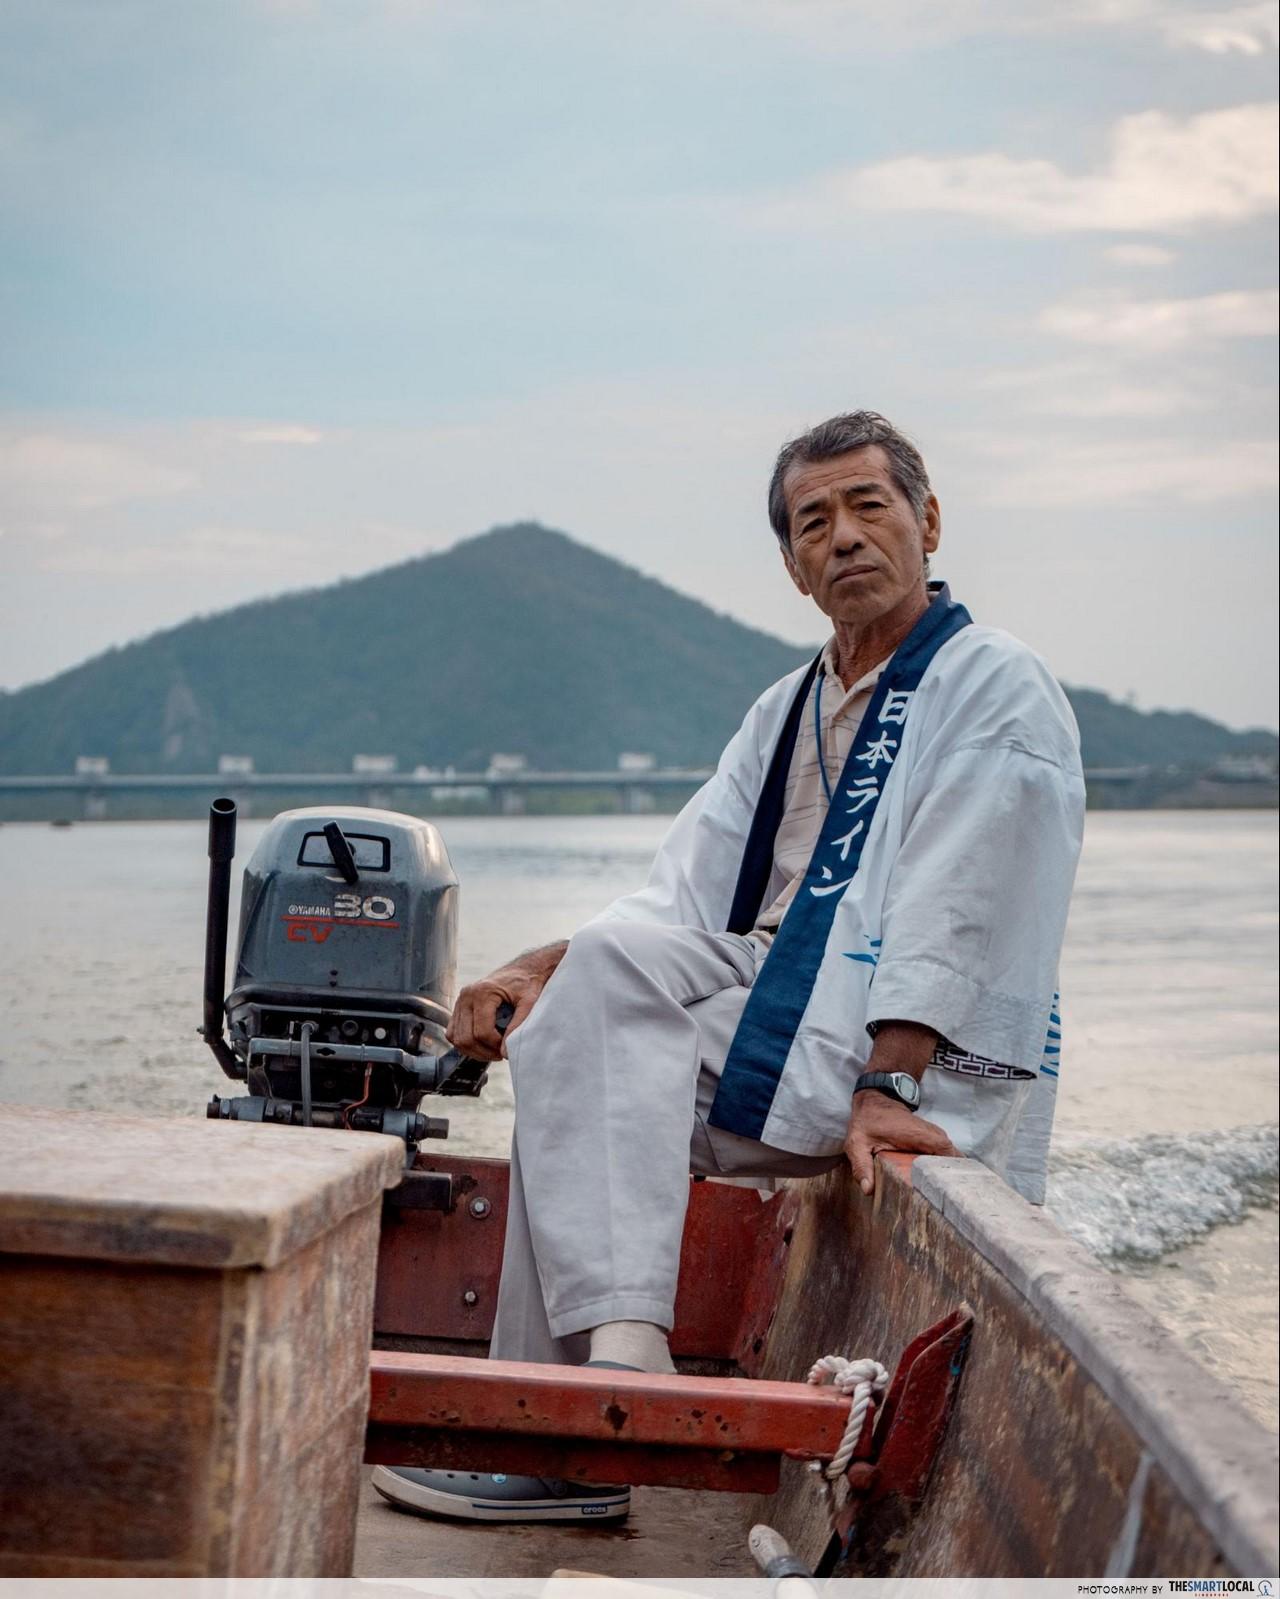 u-kai boatman